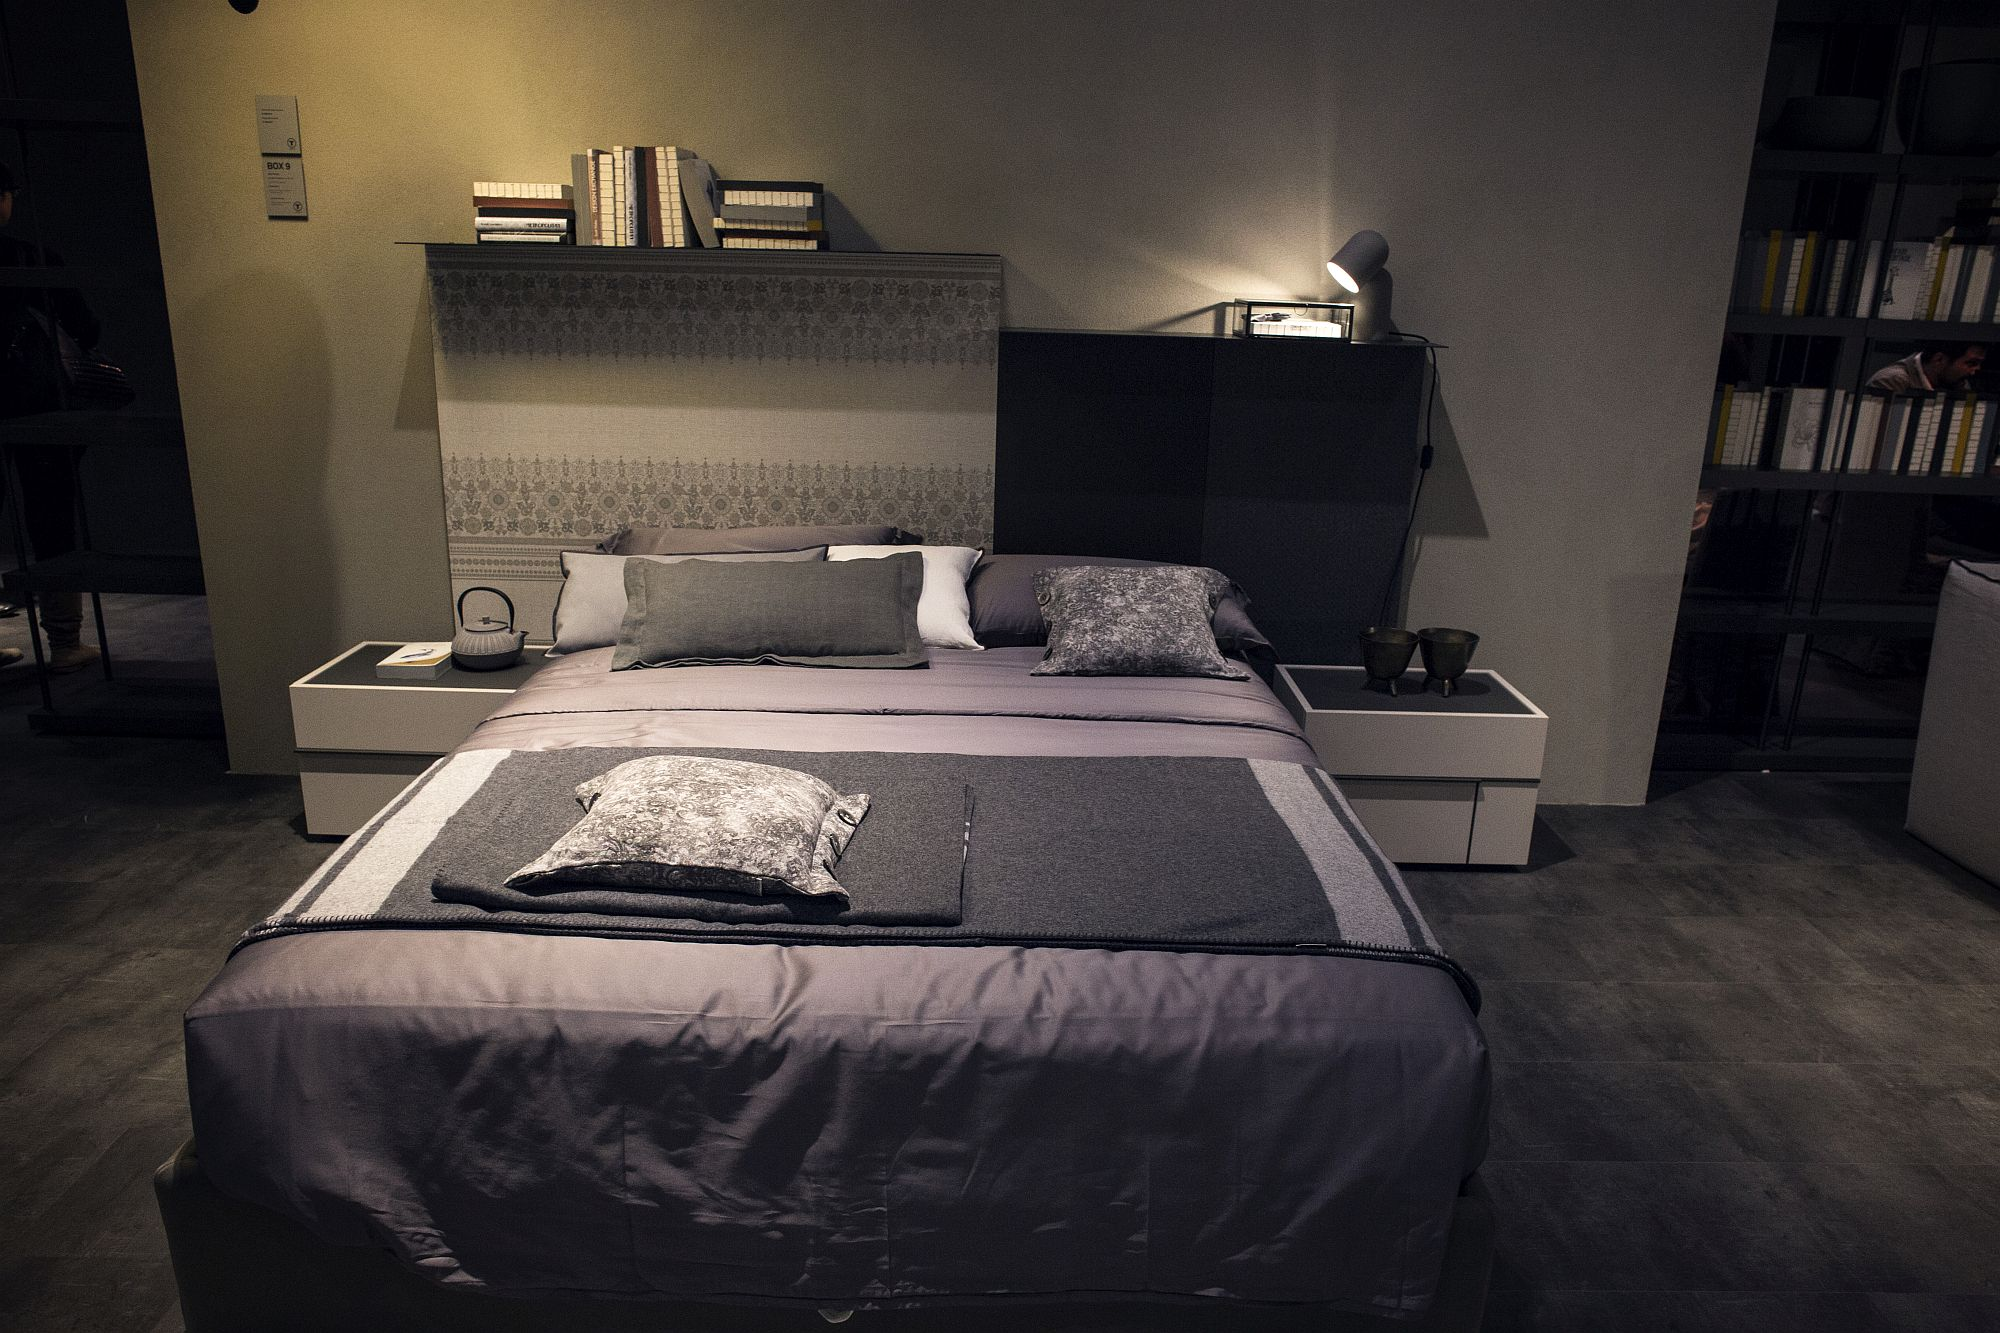 Tiny table lamp in gray provides ample illumination